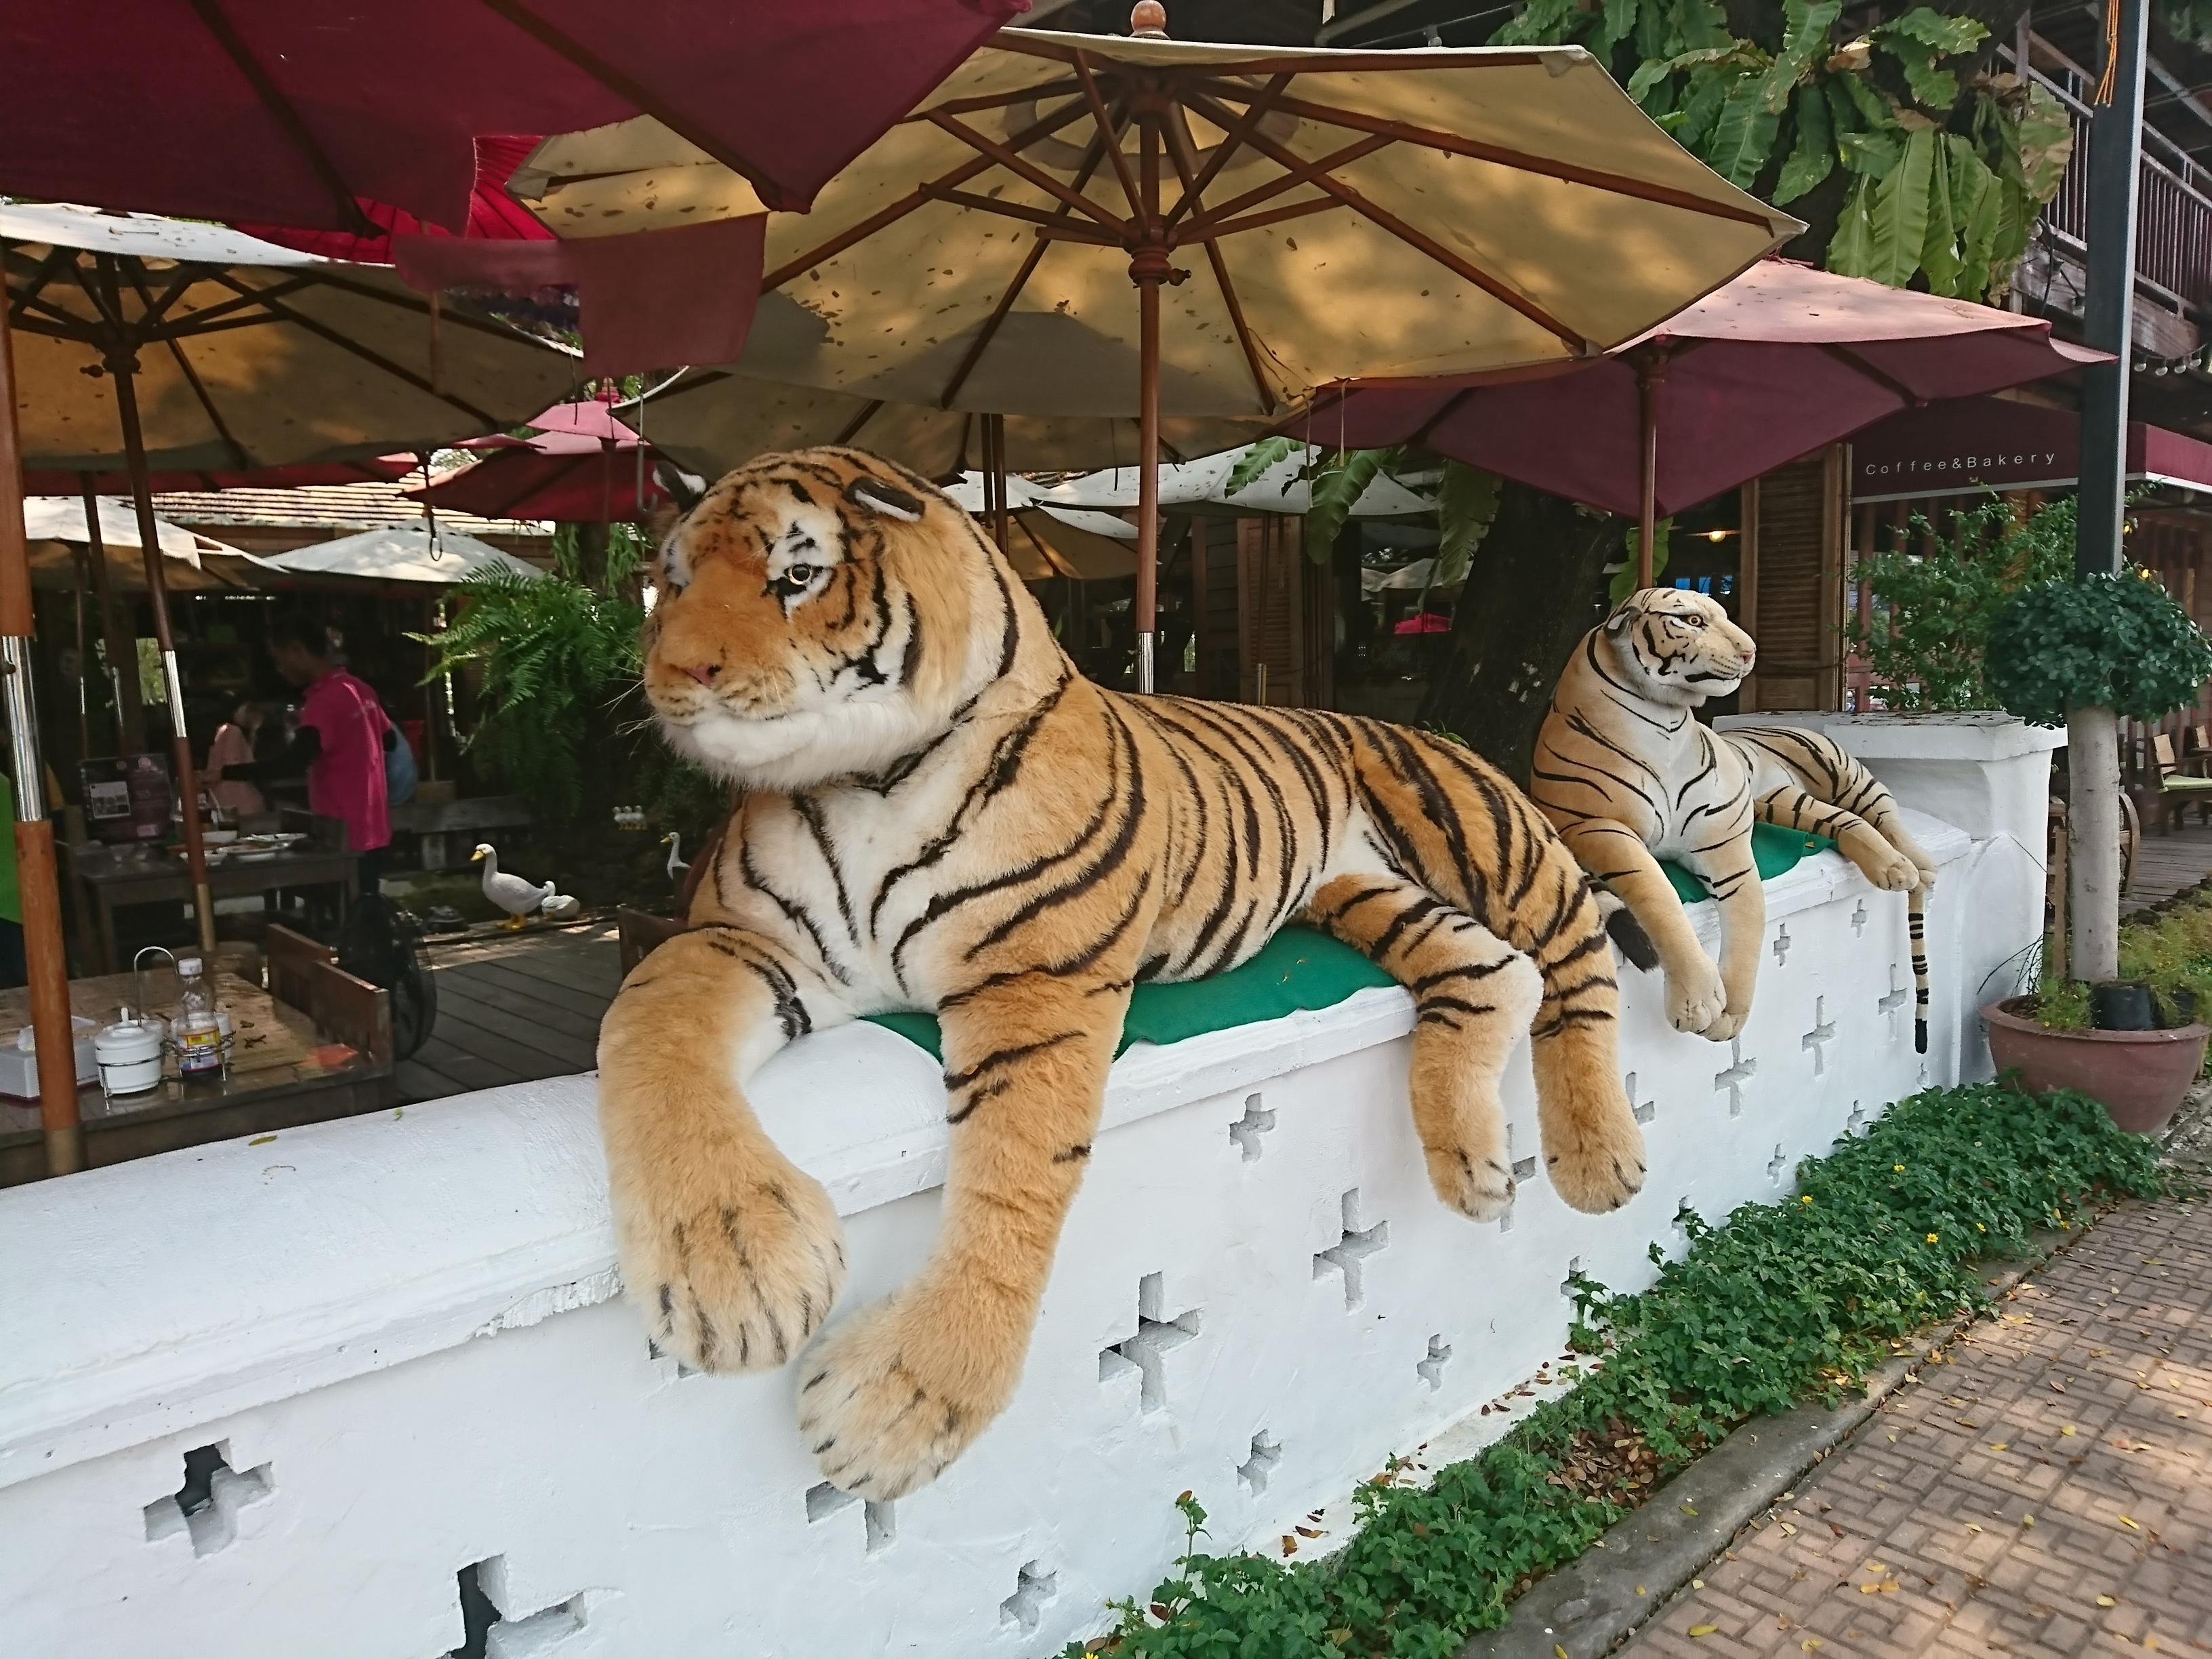 トンカンプーアヨダヤ(KAMPU Ayodhaya)/ ワットヤイの近くにある、お洒落なオープンエアーのタイ料理レストラン